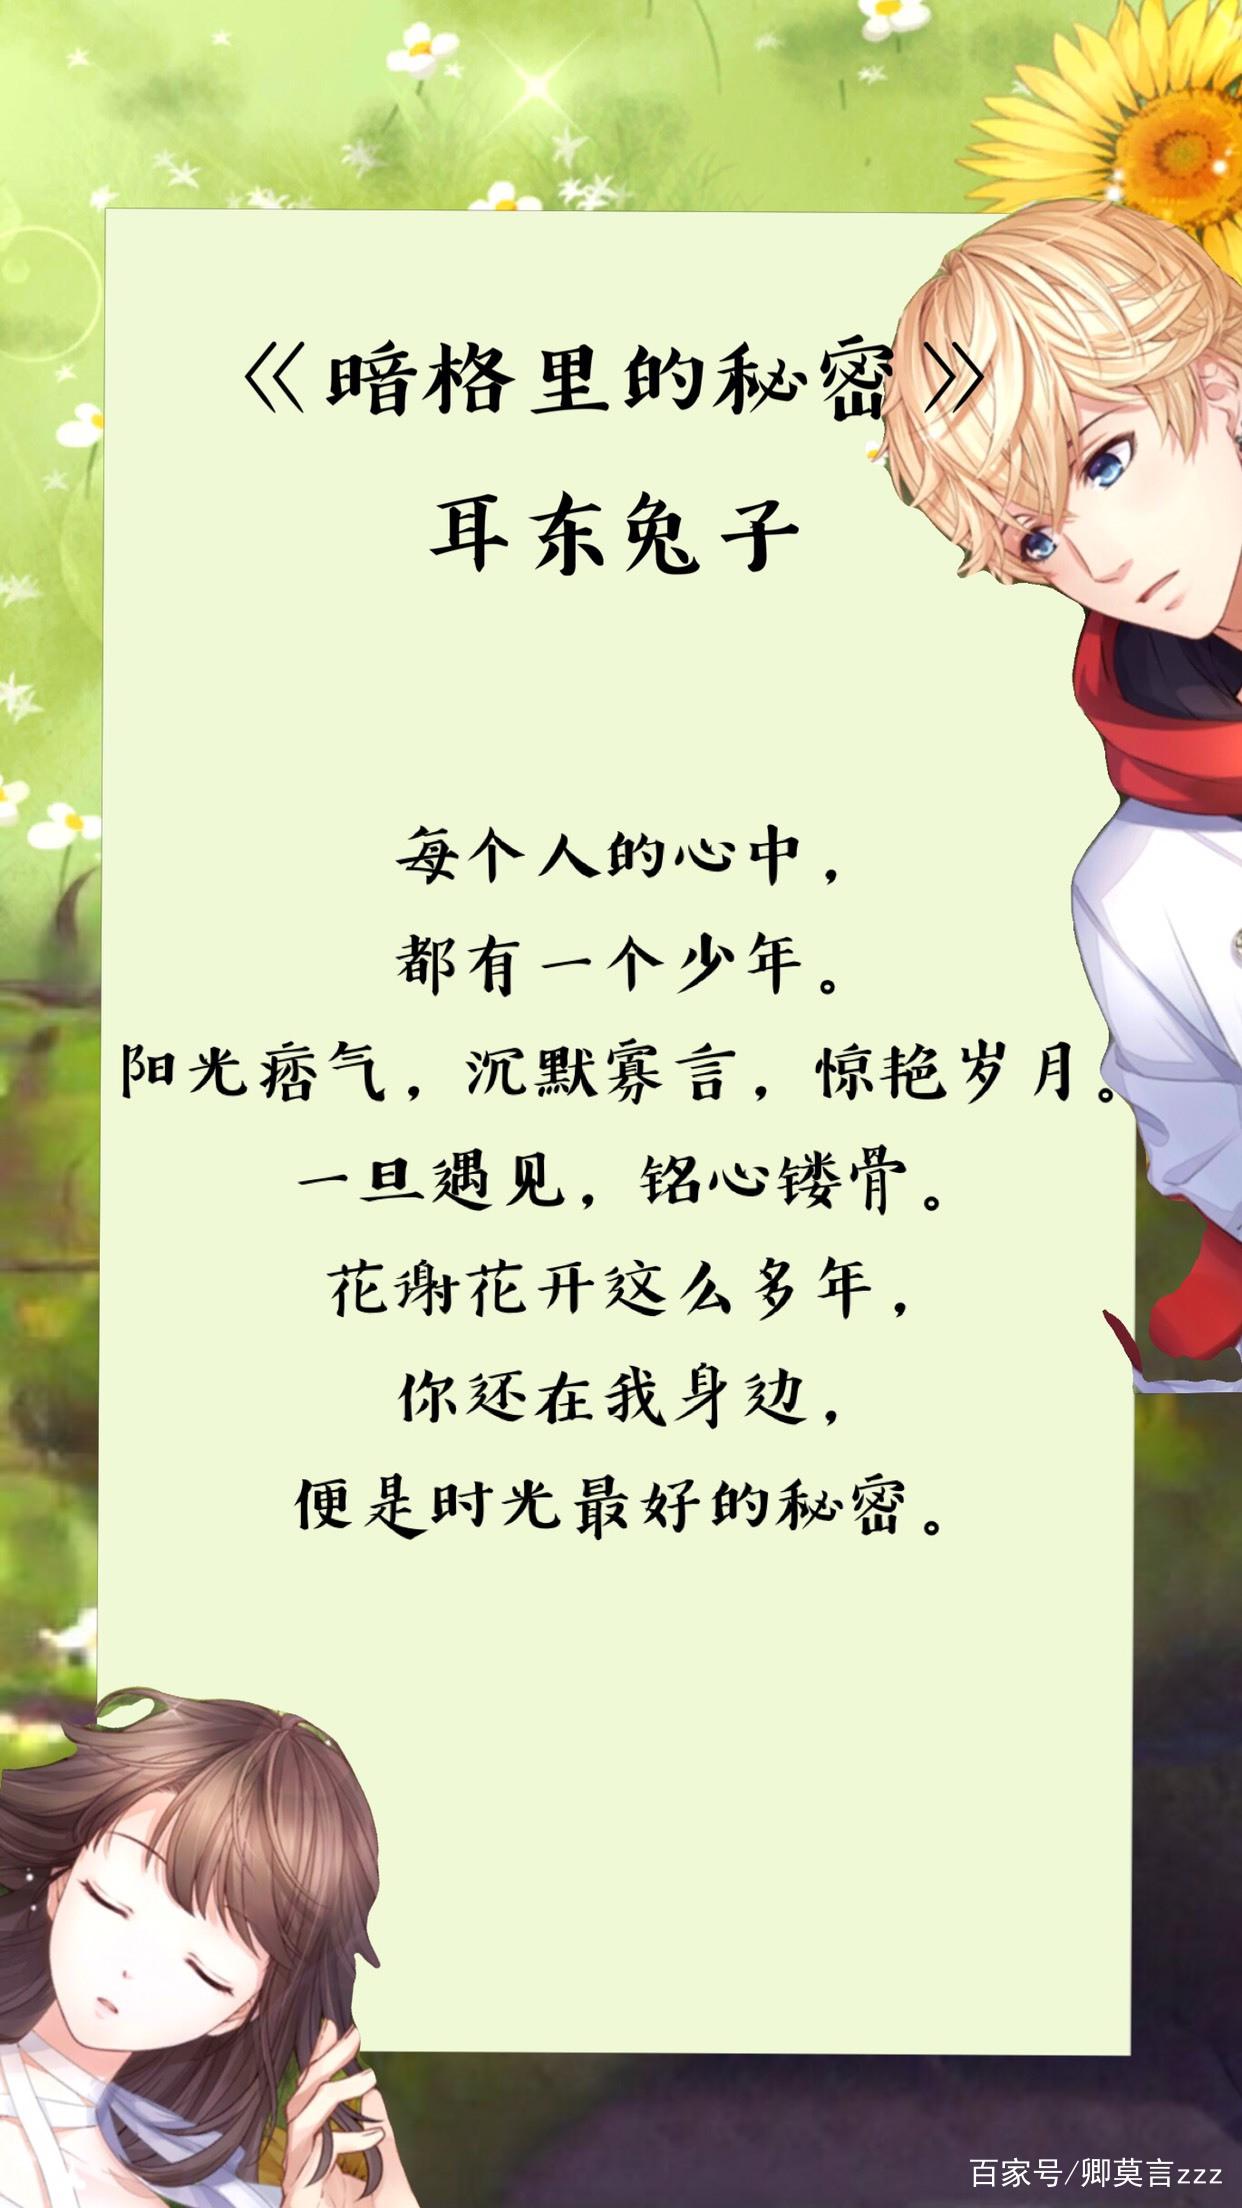 校园言情小说:青葱岁月,感谢时光,遇见最美好的你